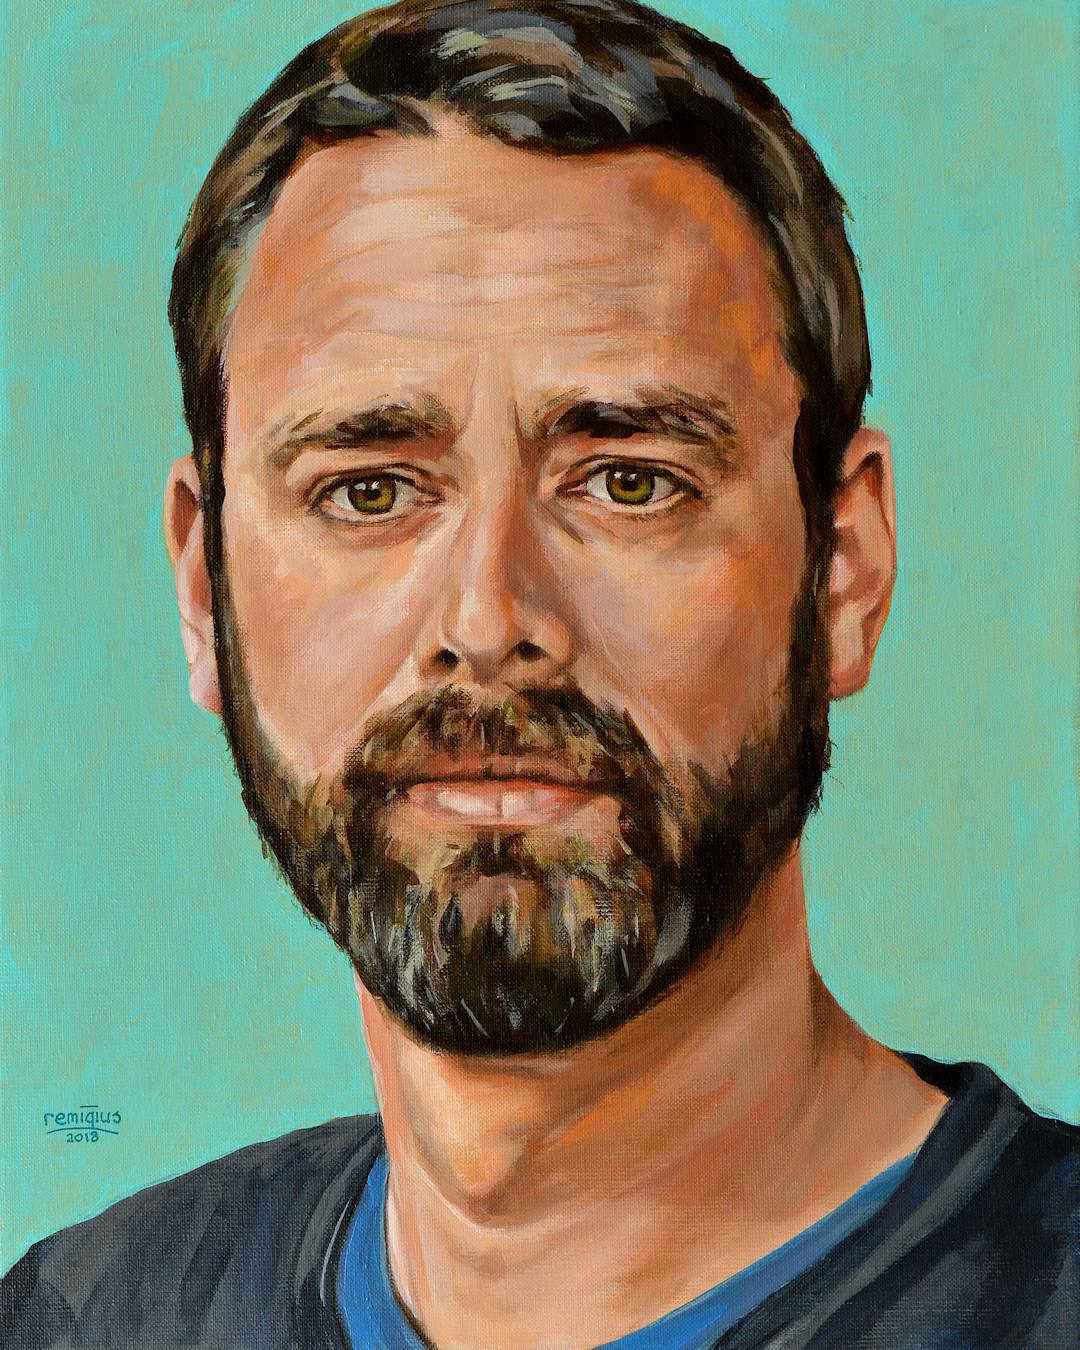 Portretschilderij van Robert